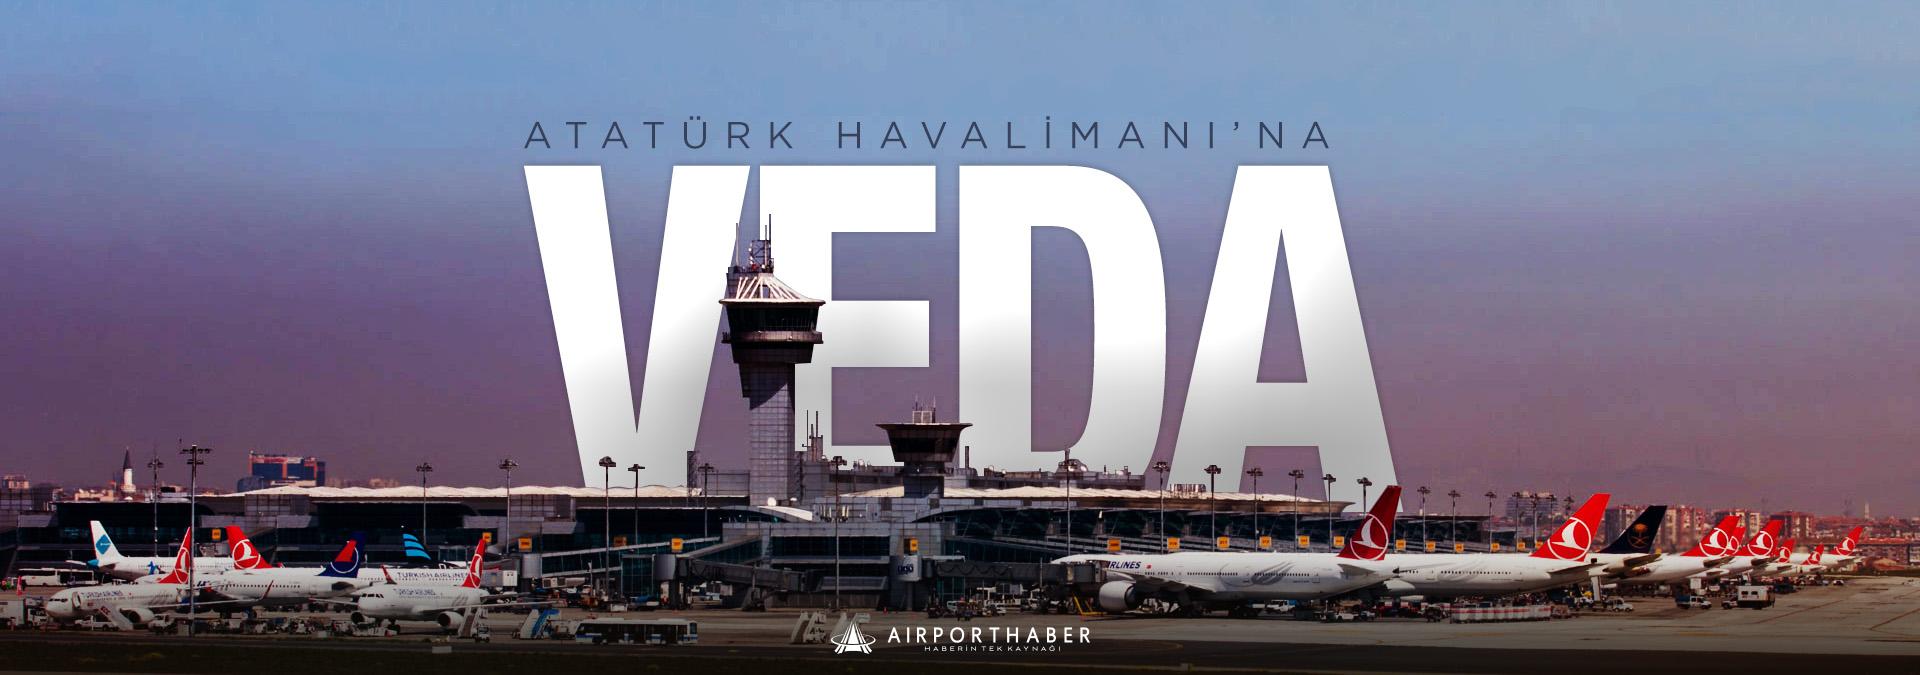 Atatürk Havalimanı'na Veda